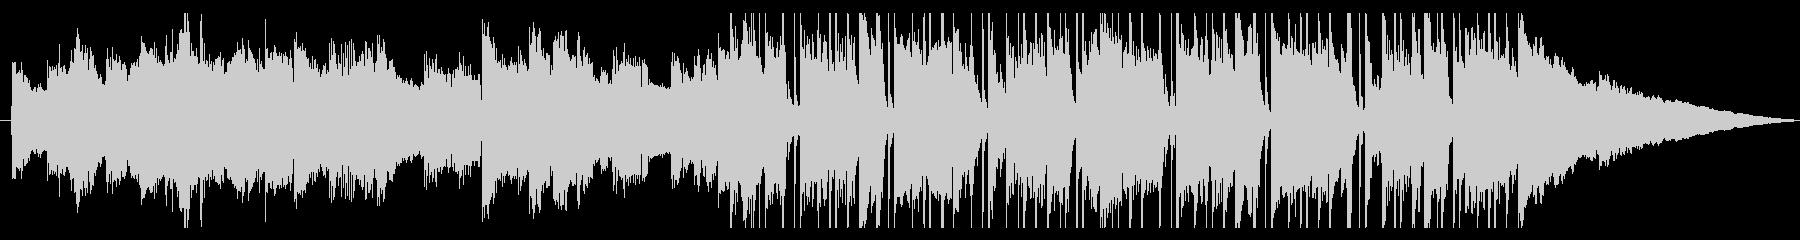 印象的なエレピのおしゃれなショートBGMの未再生の波形